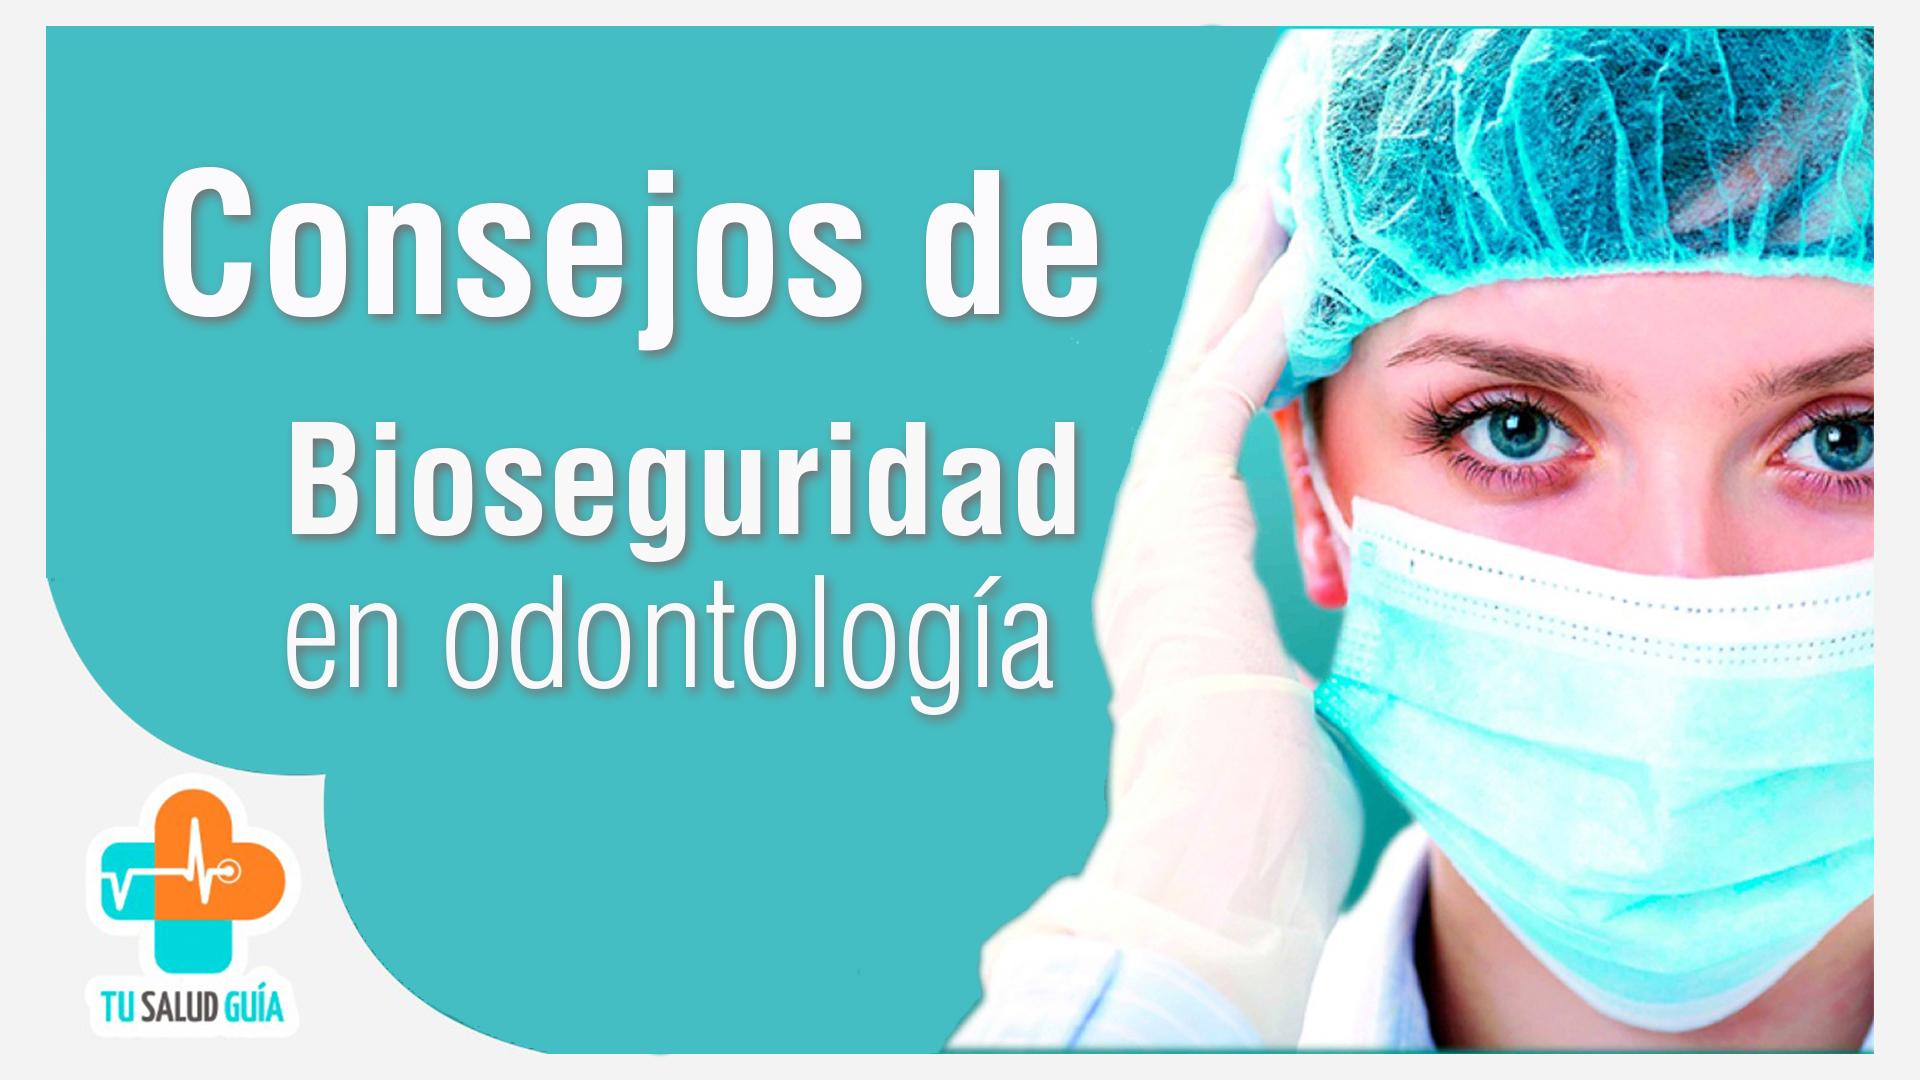 Consejos de biosegurdad en odontologia nuevo (1)